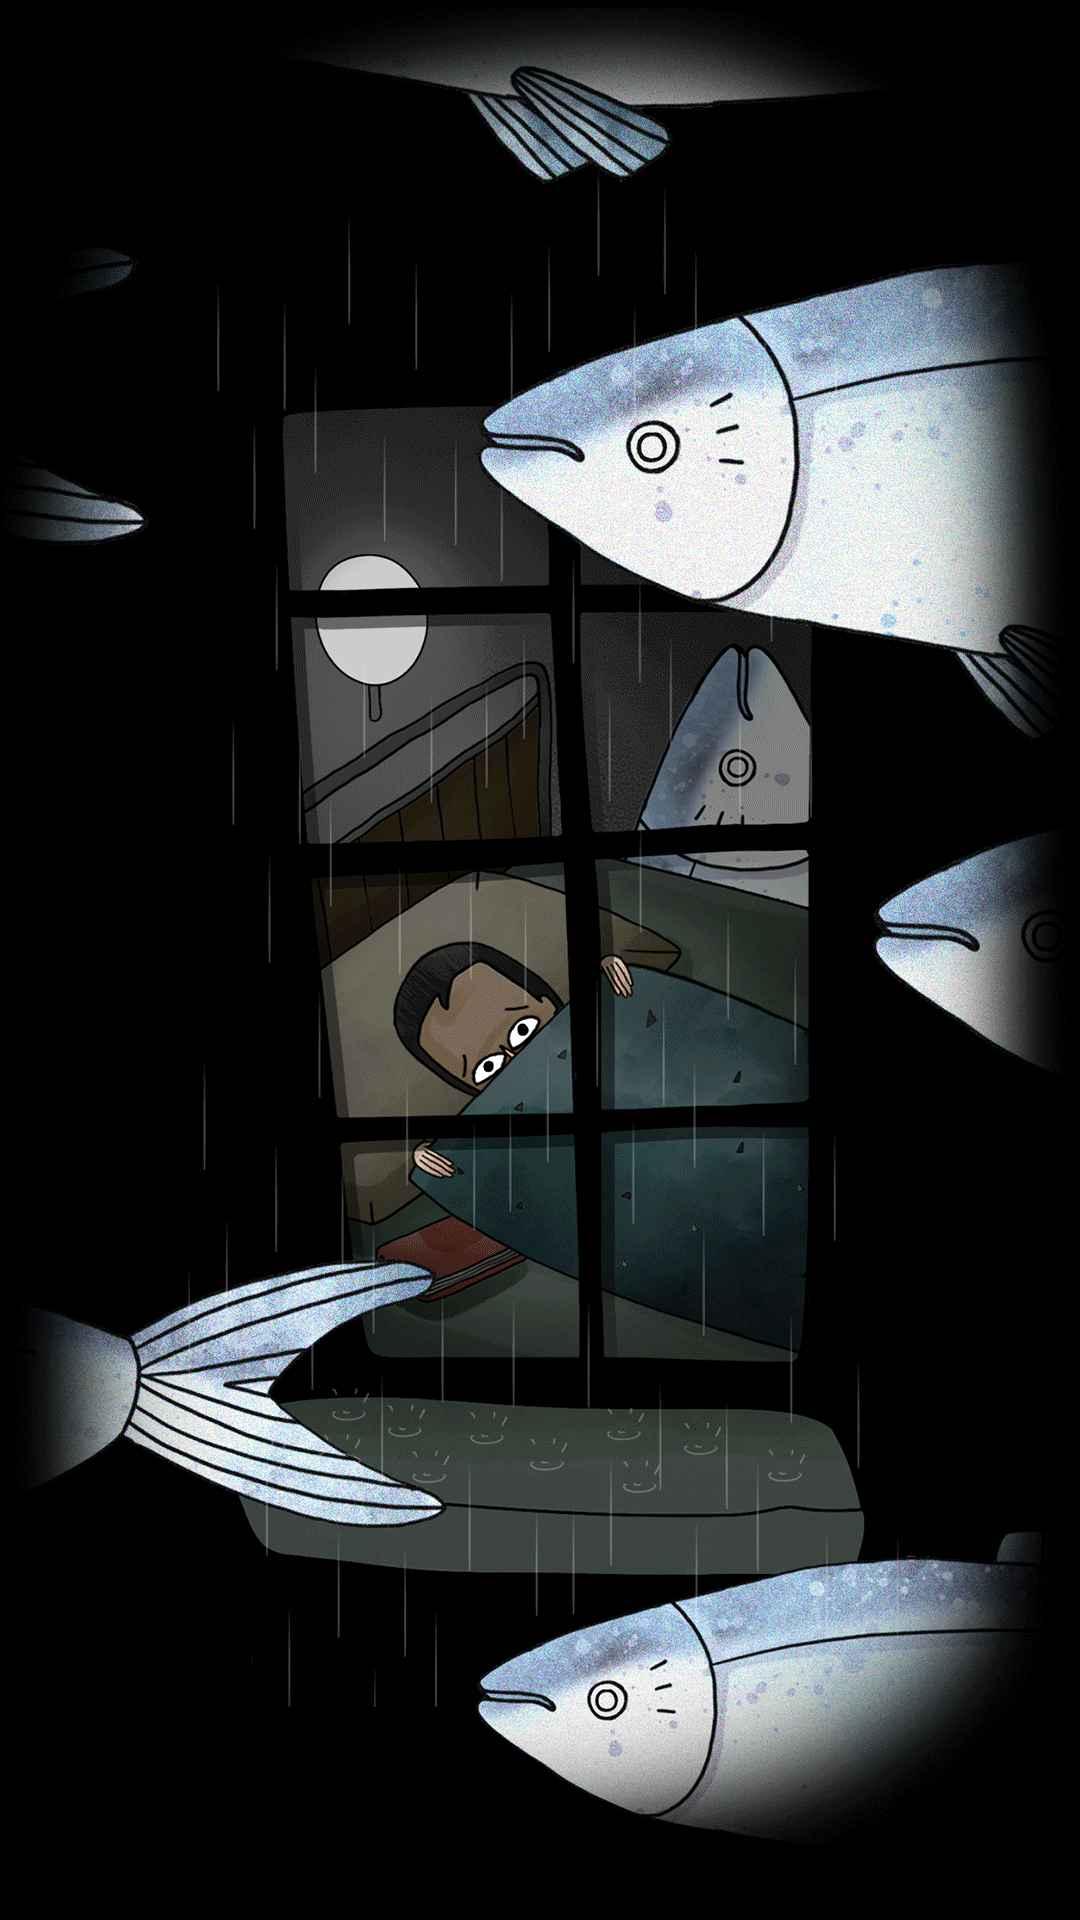 白鸟游乐园(胖布丁新作)截图3